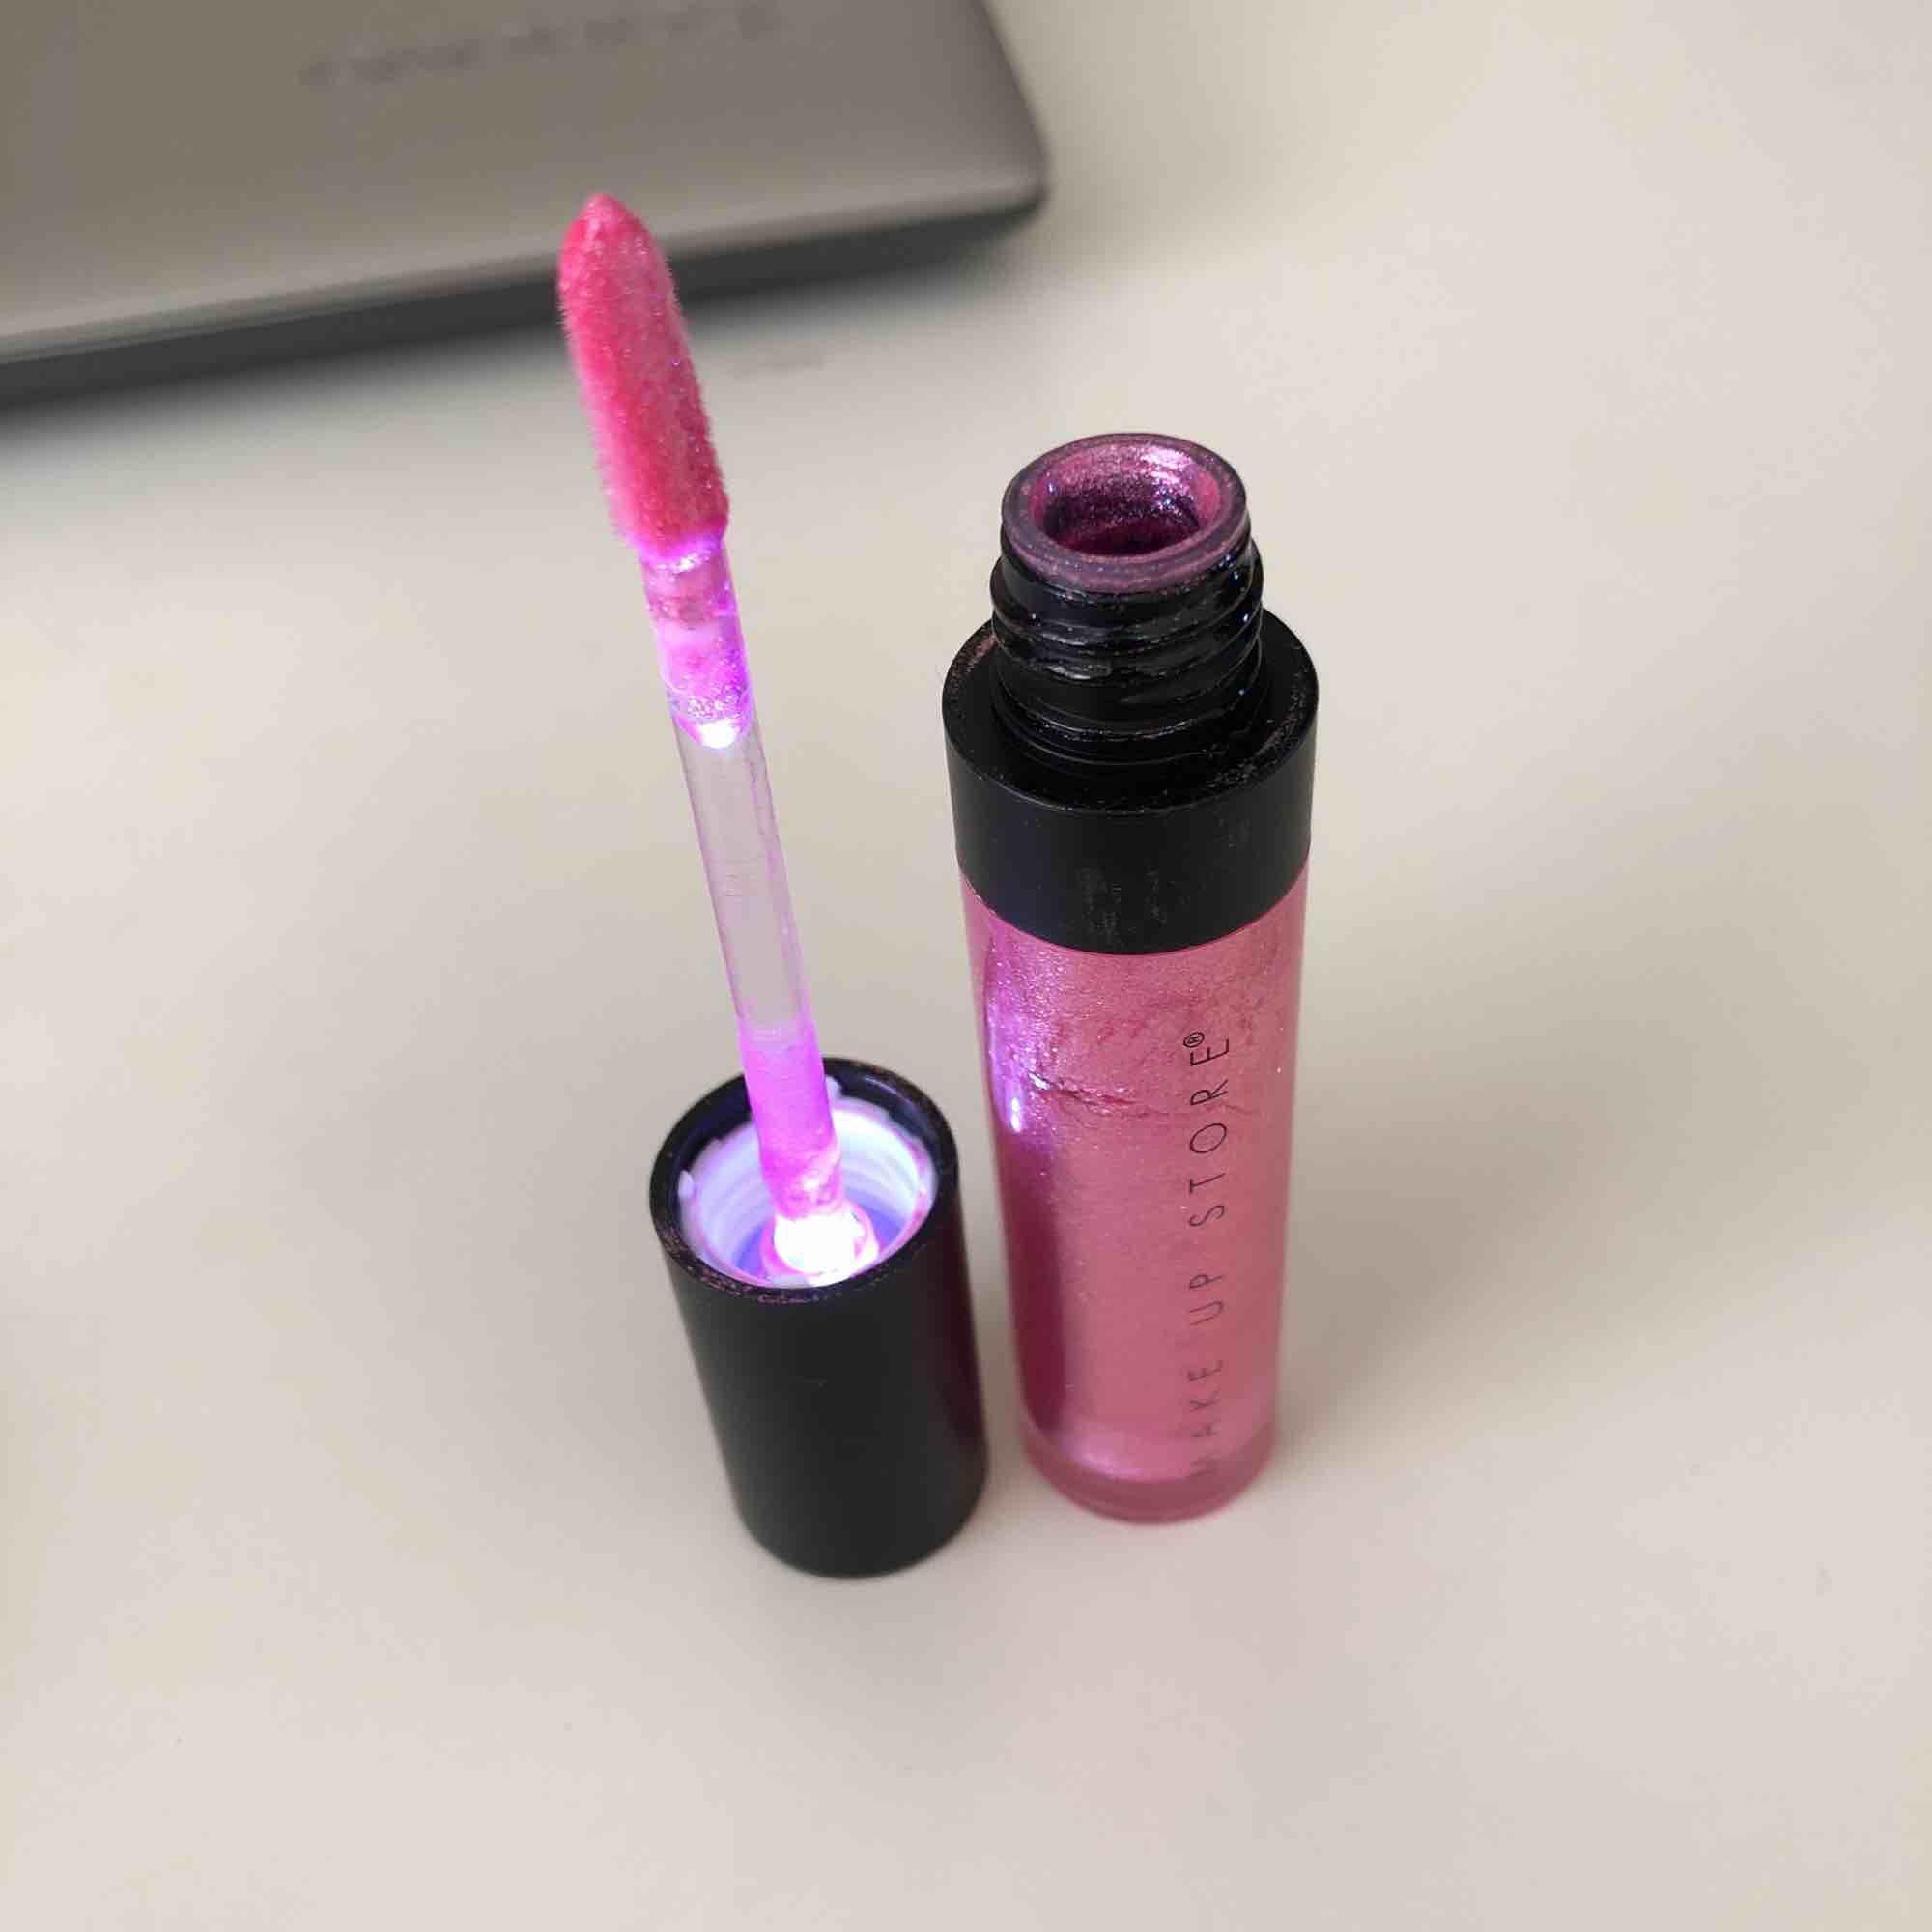 Säljer lite olika, oanvända smink grejer; Smink-borste ❤️SOLD❤️ Ljus-rosa läppglans, led lip gloss ❤️SOLD❤️, brun/mörklila ögonskugga Brun ögonpenna, gyllenbrun highlighter, mini beauty blender. Accessoarer.